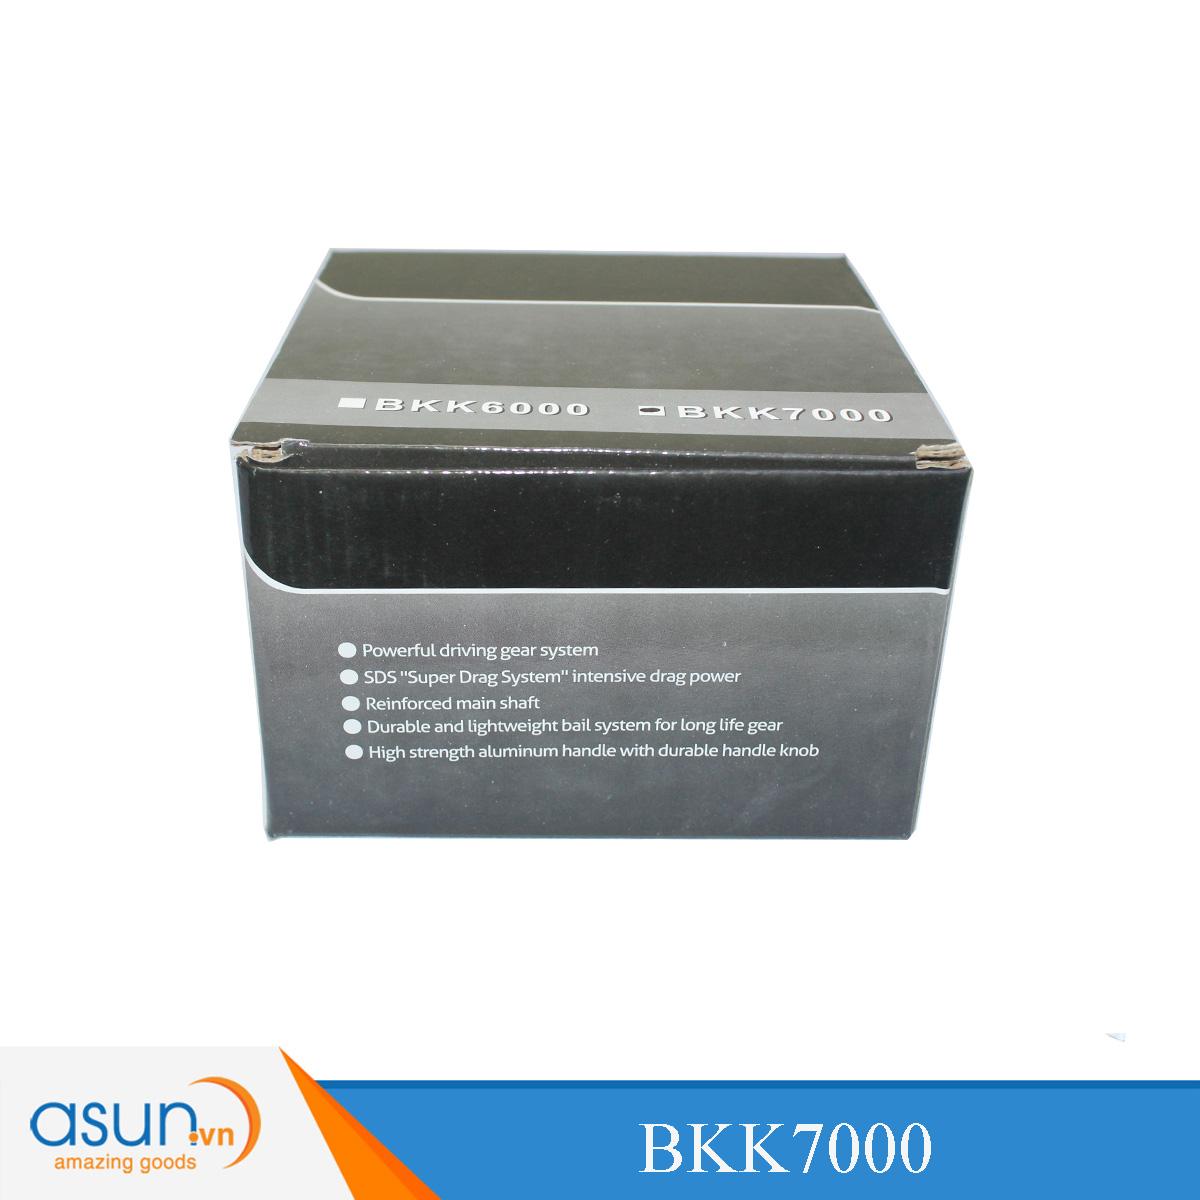 Máy Câu Đứng I Lure BKK7000 - Chính Hãng Bảo Hành 3 Tháng